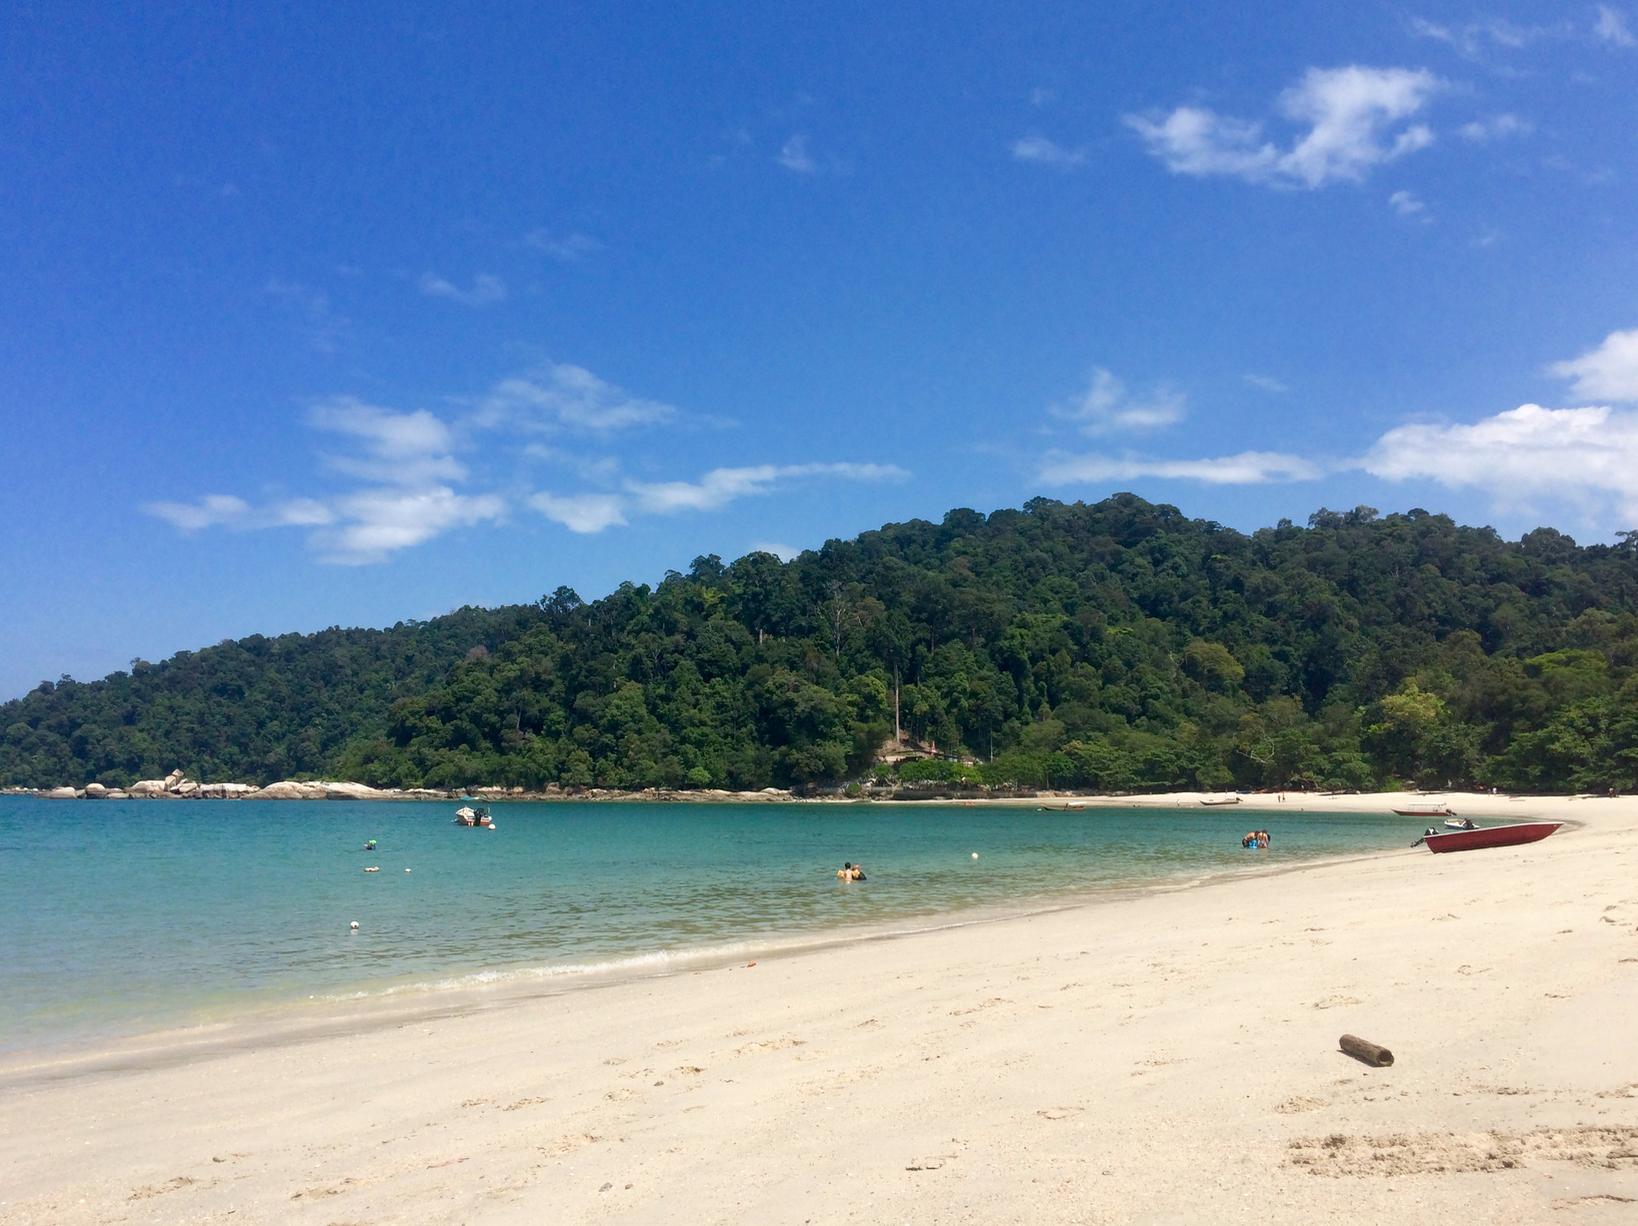 L'île de Pangkor : Itinéraire en Malaisie de 21 jours